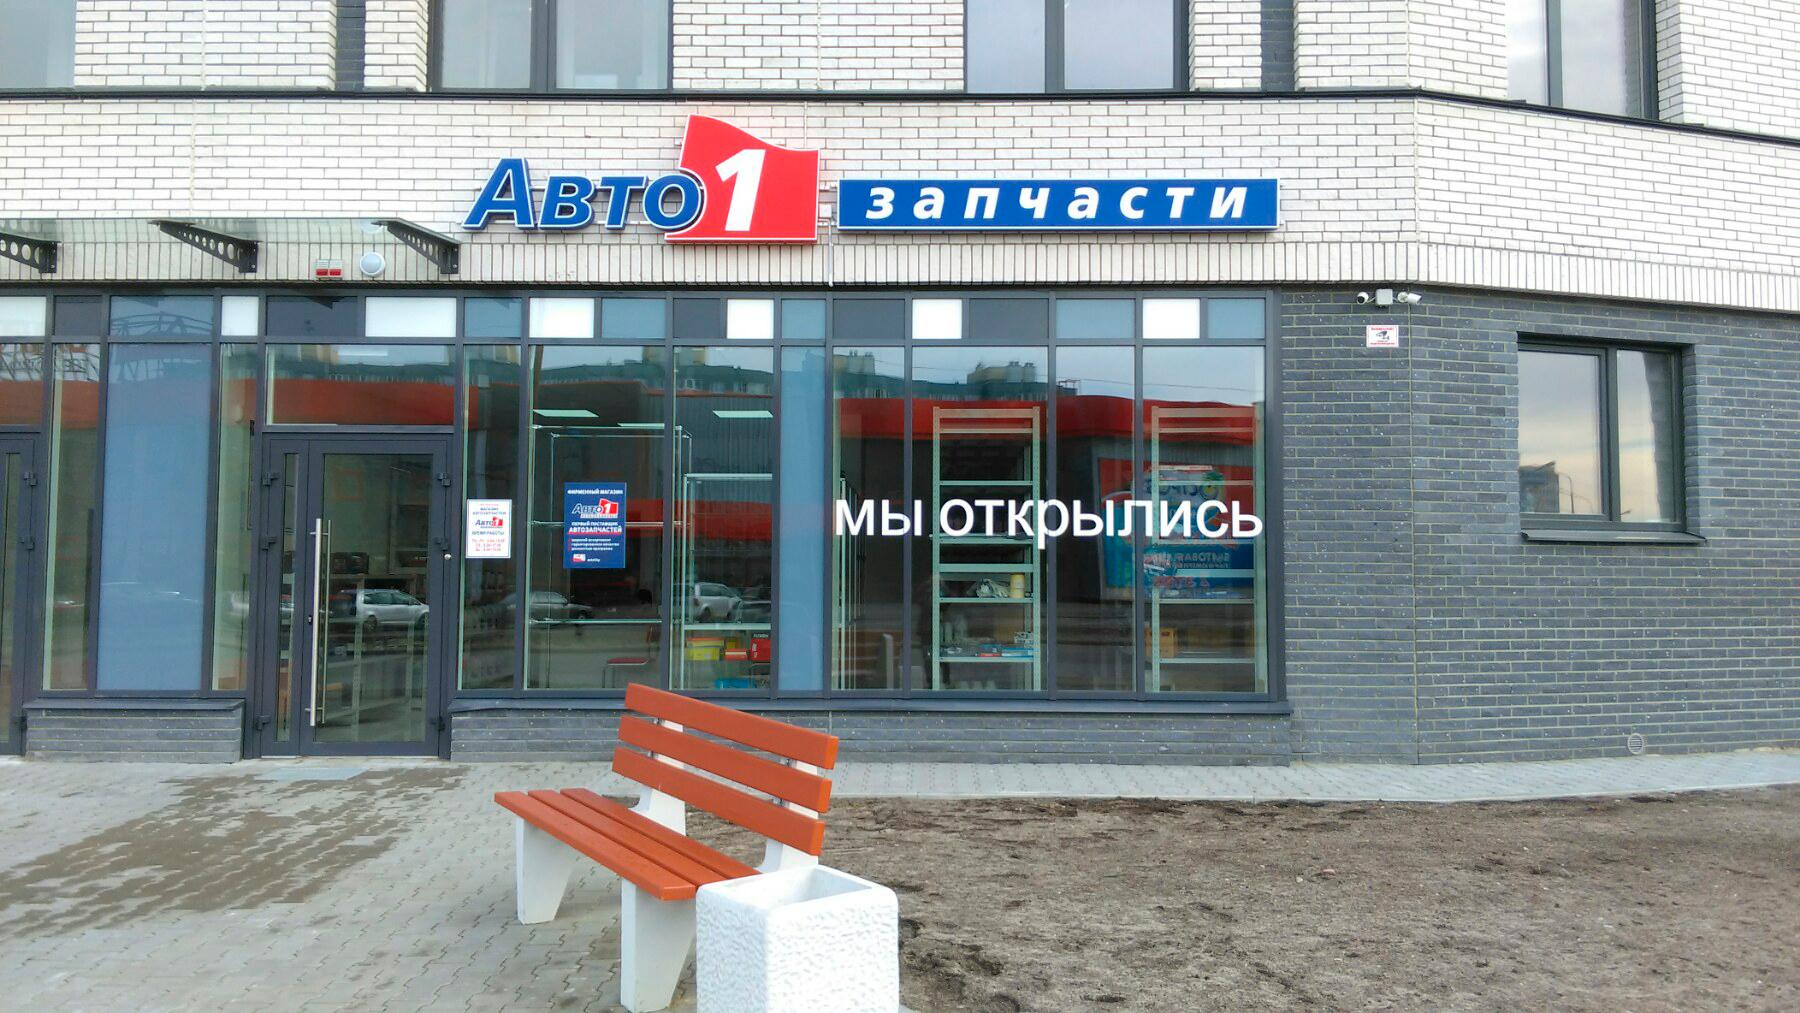 г.Брест, ул. Махновича13-89